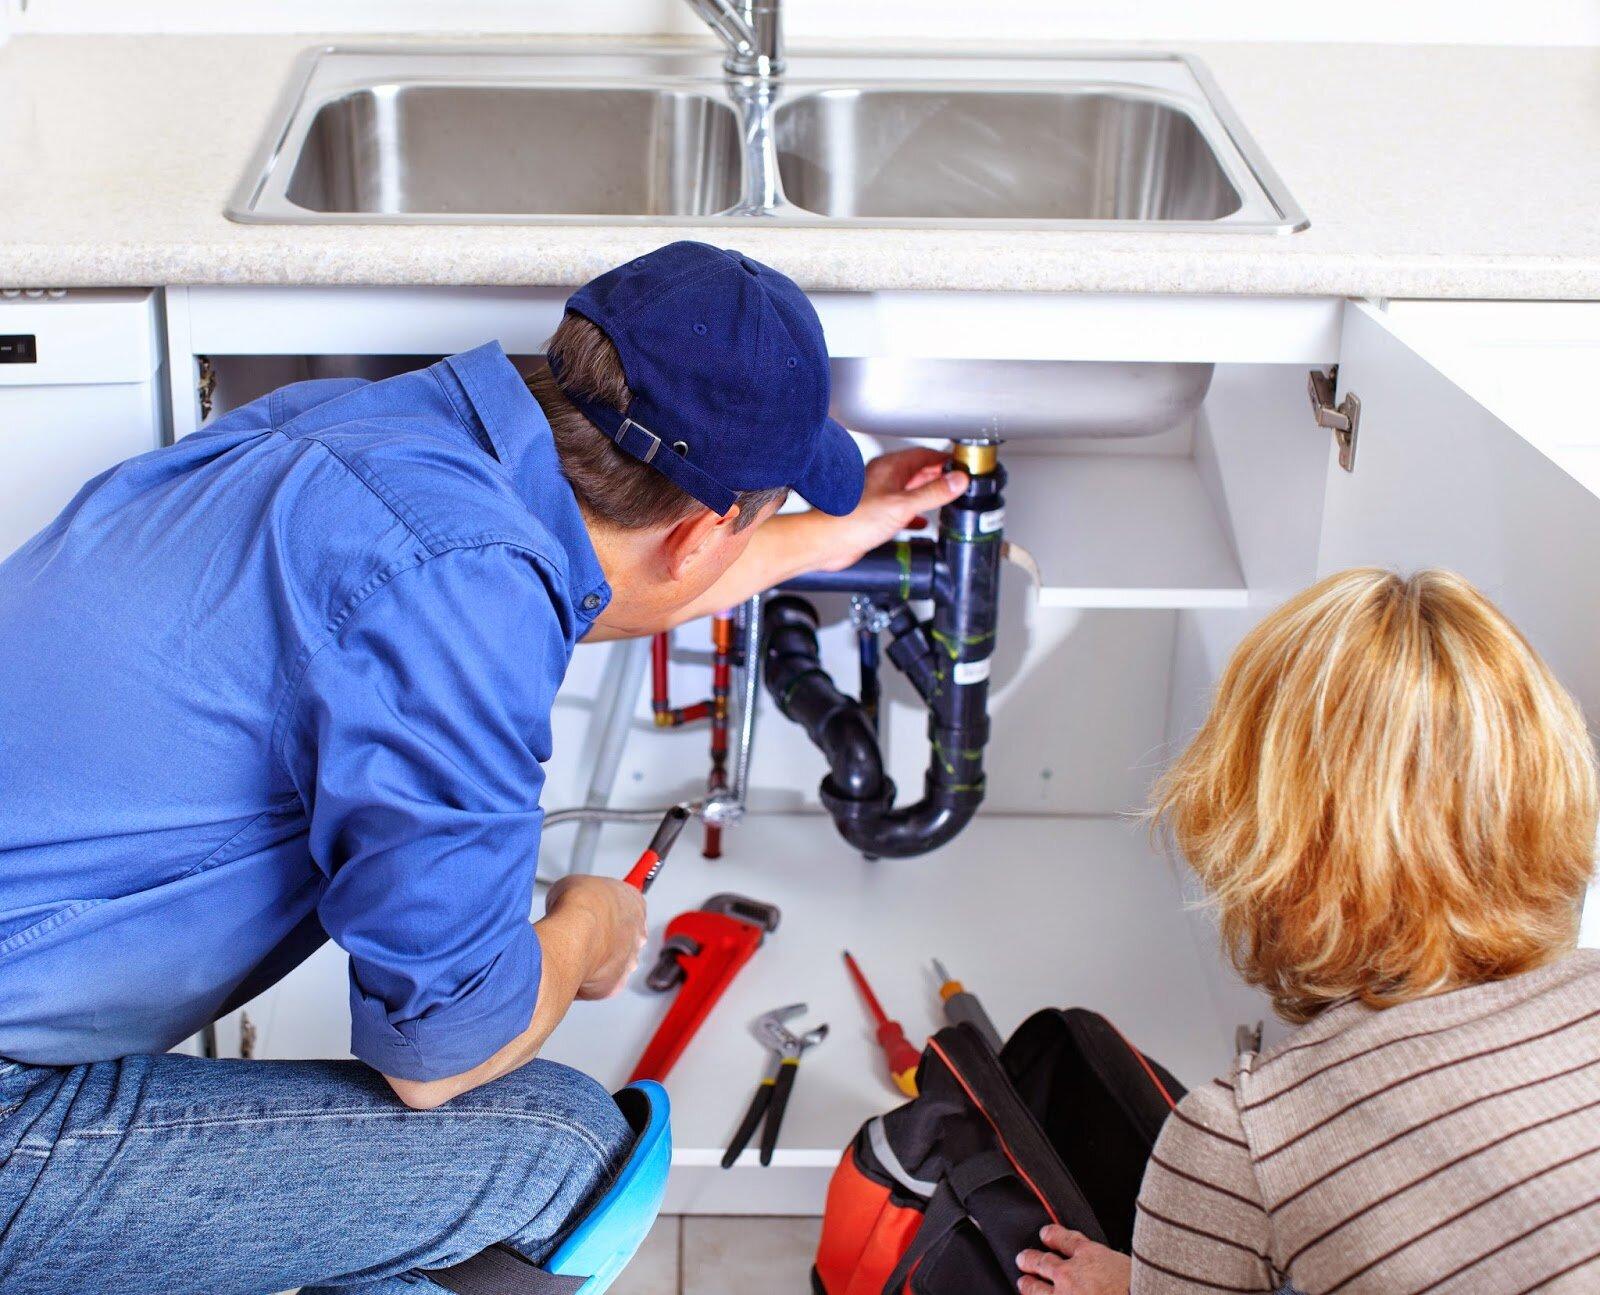 Thực hiện cách lắp đặt máy lọc nước Aosmith đúng chuẩn